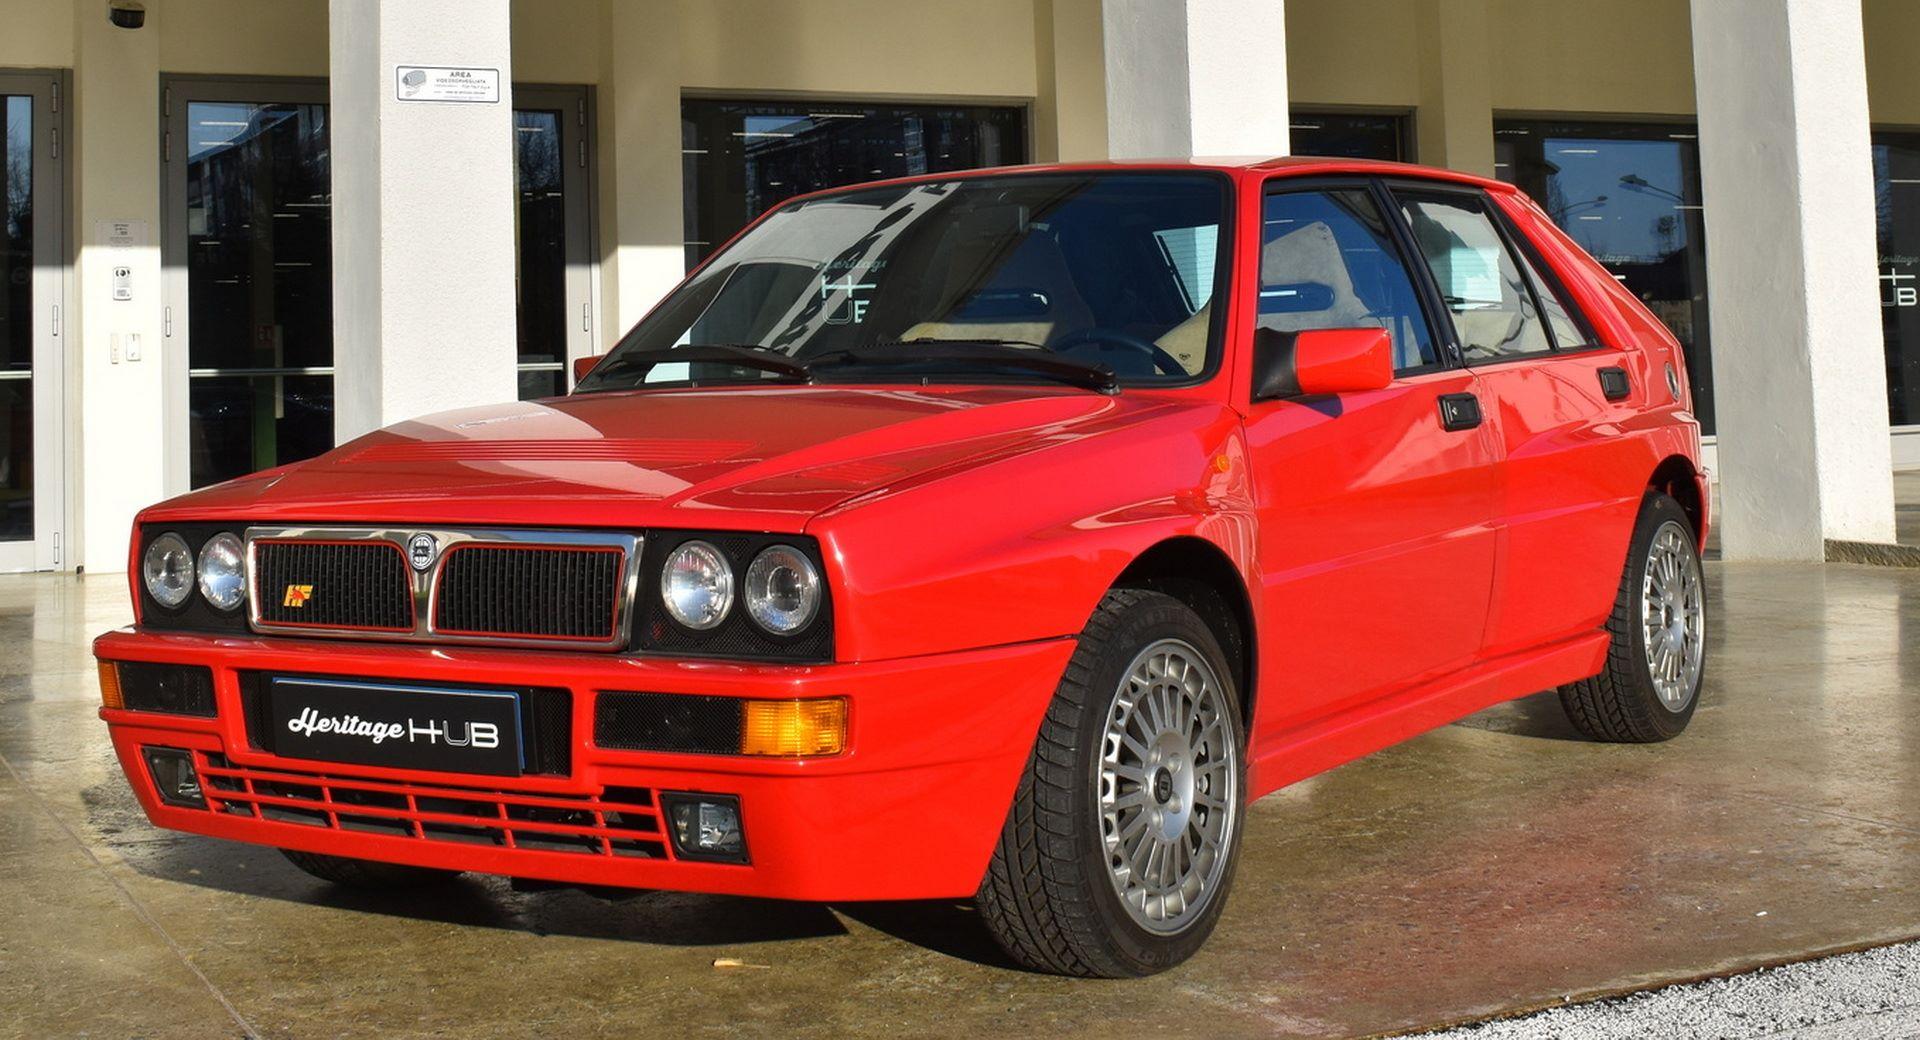 Stellantis-Heritage-Parts-Lancia-Delta-HF-Integrale-Evoluzione-1